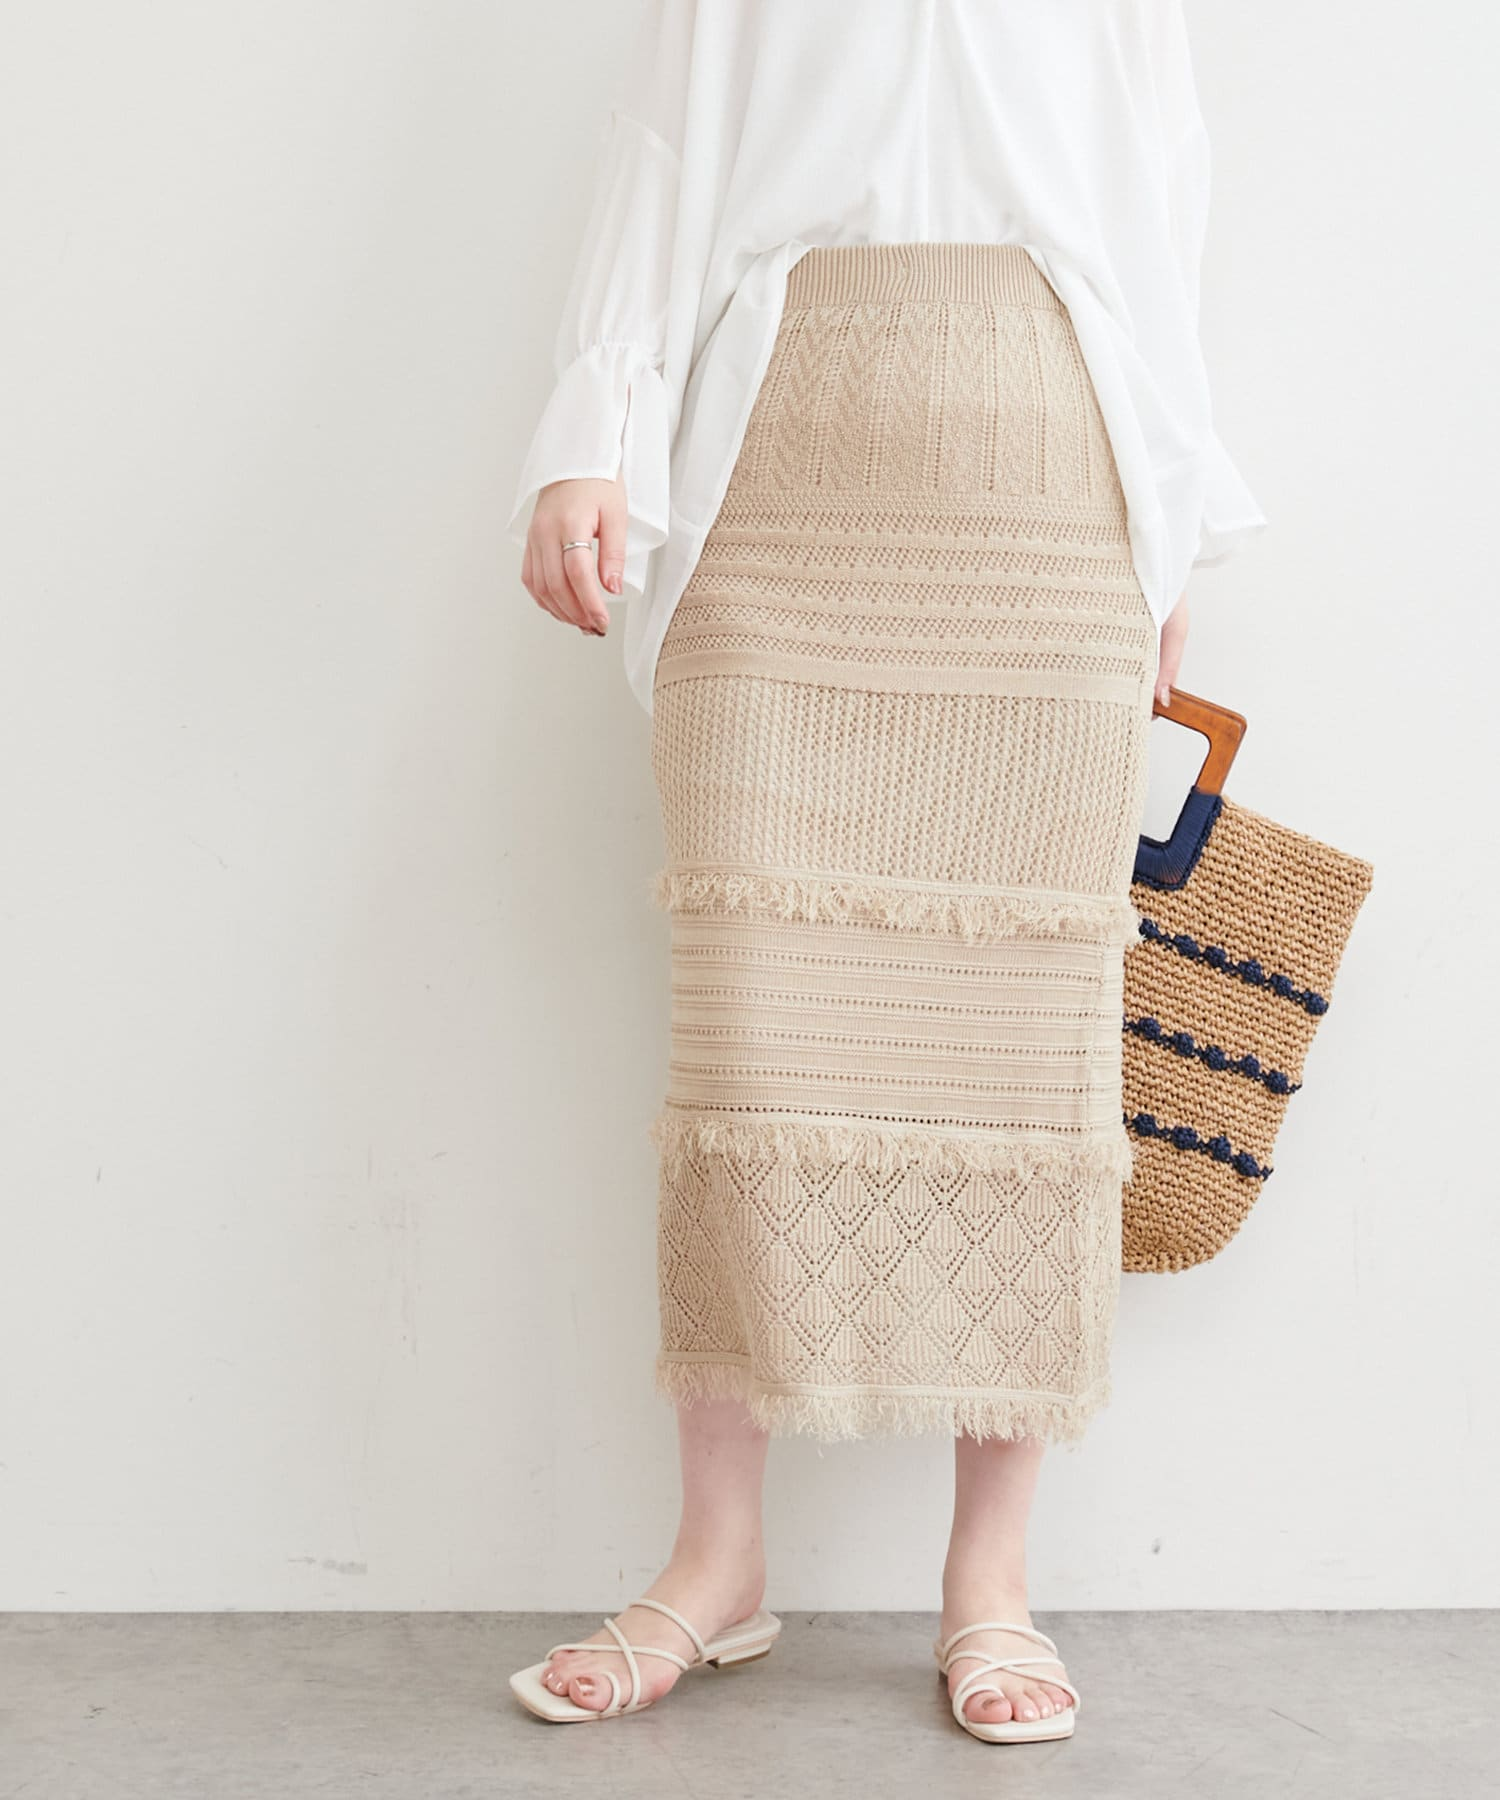 natural couture(ナチュラルクチュール) 透かし編みフリンジスカート